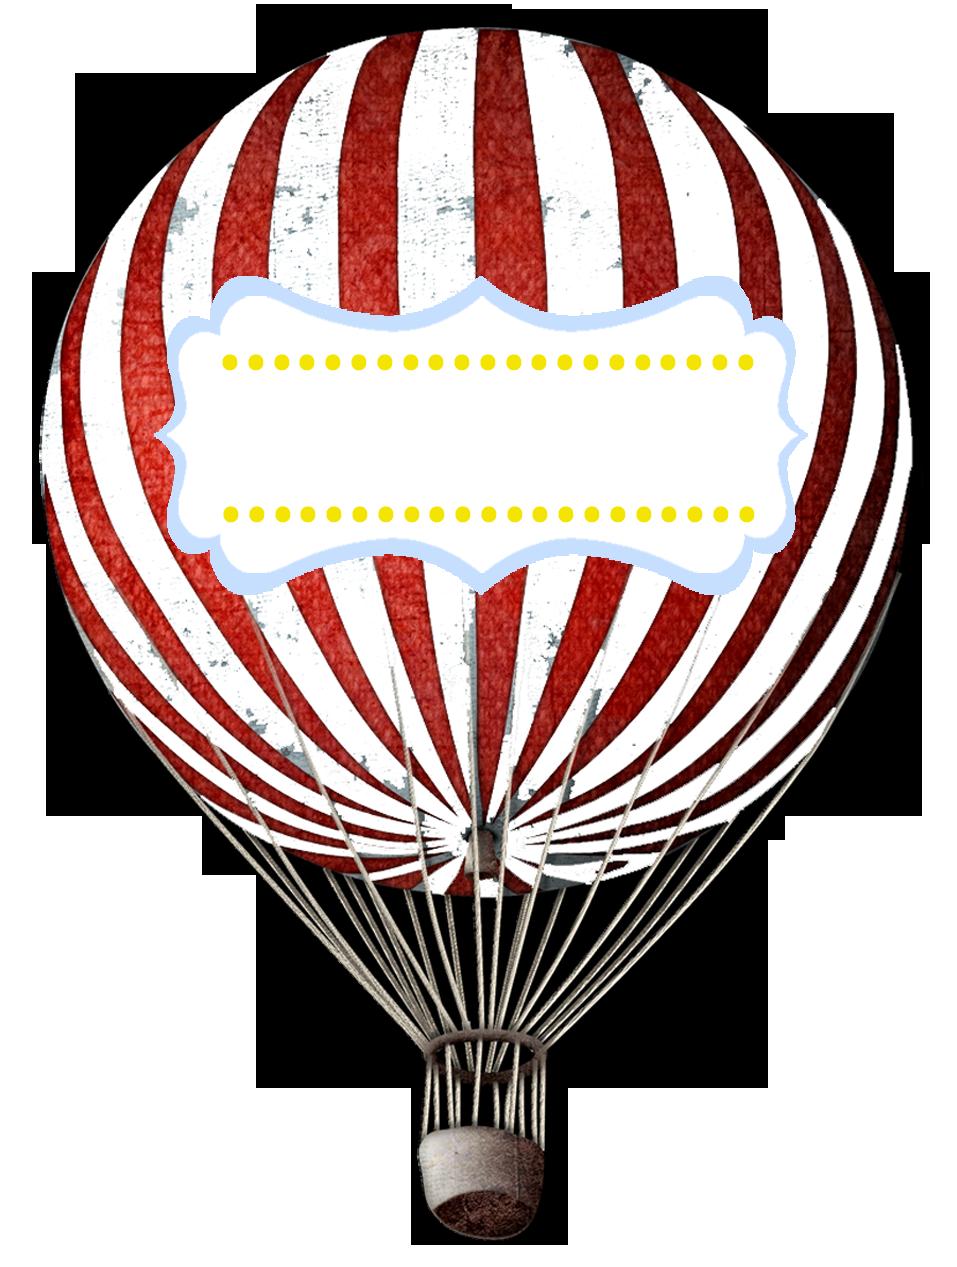 Steampunk clipart hot air balloon. Adopt africa digital designs